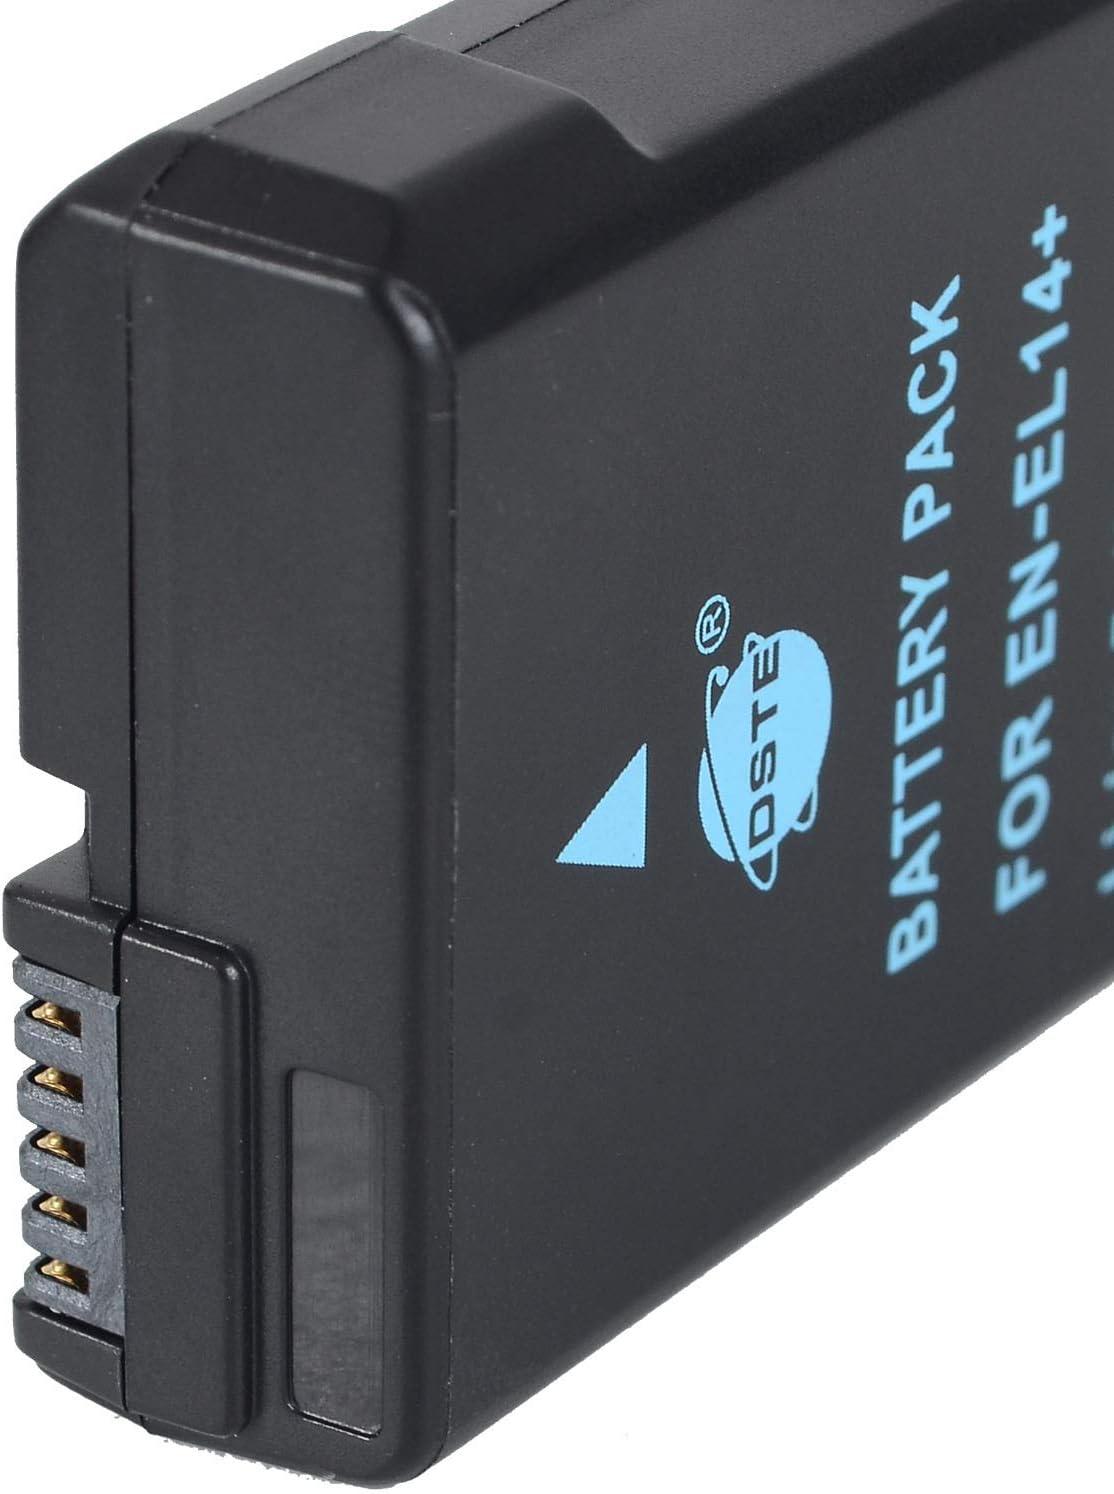 DSTE Rechargeable Batterie et DC111E Voyage Chargeur pour Nikon EN-EL14 EN-EL14A DF D3100 D3200 D3300 D3400 D3500 D5100 D5200 D5300 D5500 P7000 P7100 P7200 P7700 P7800